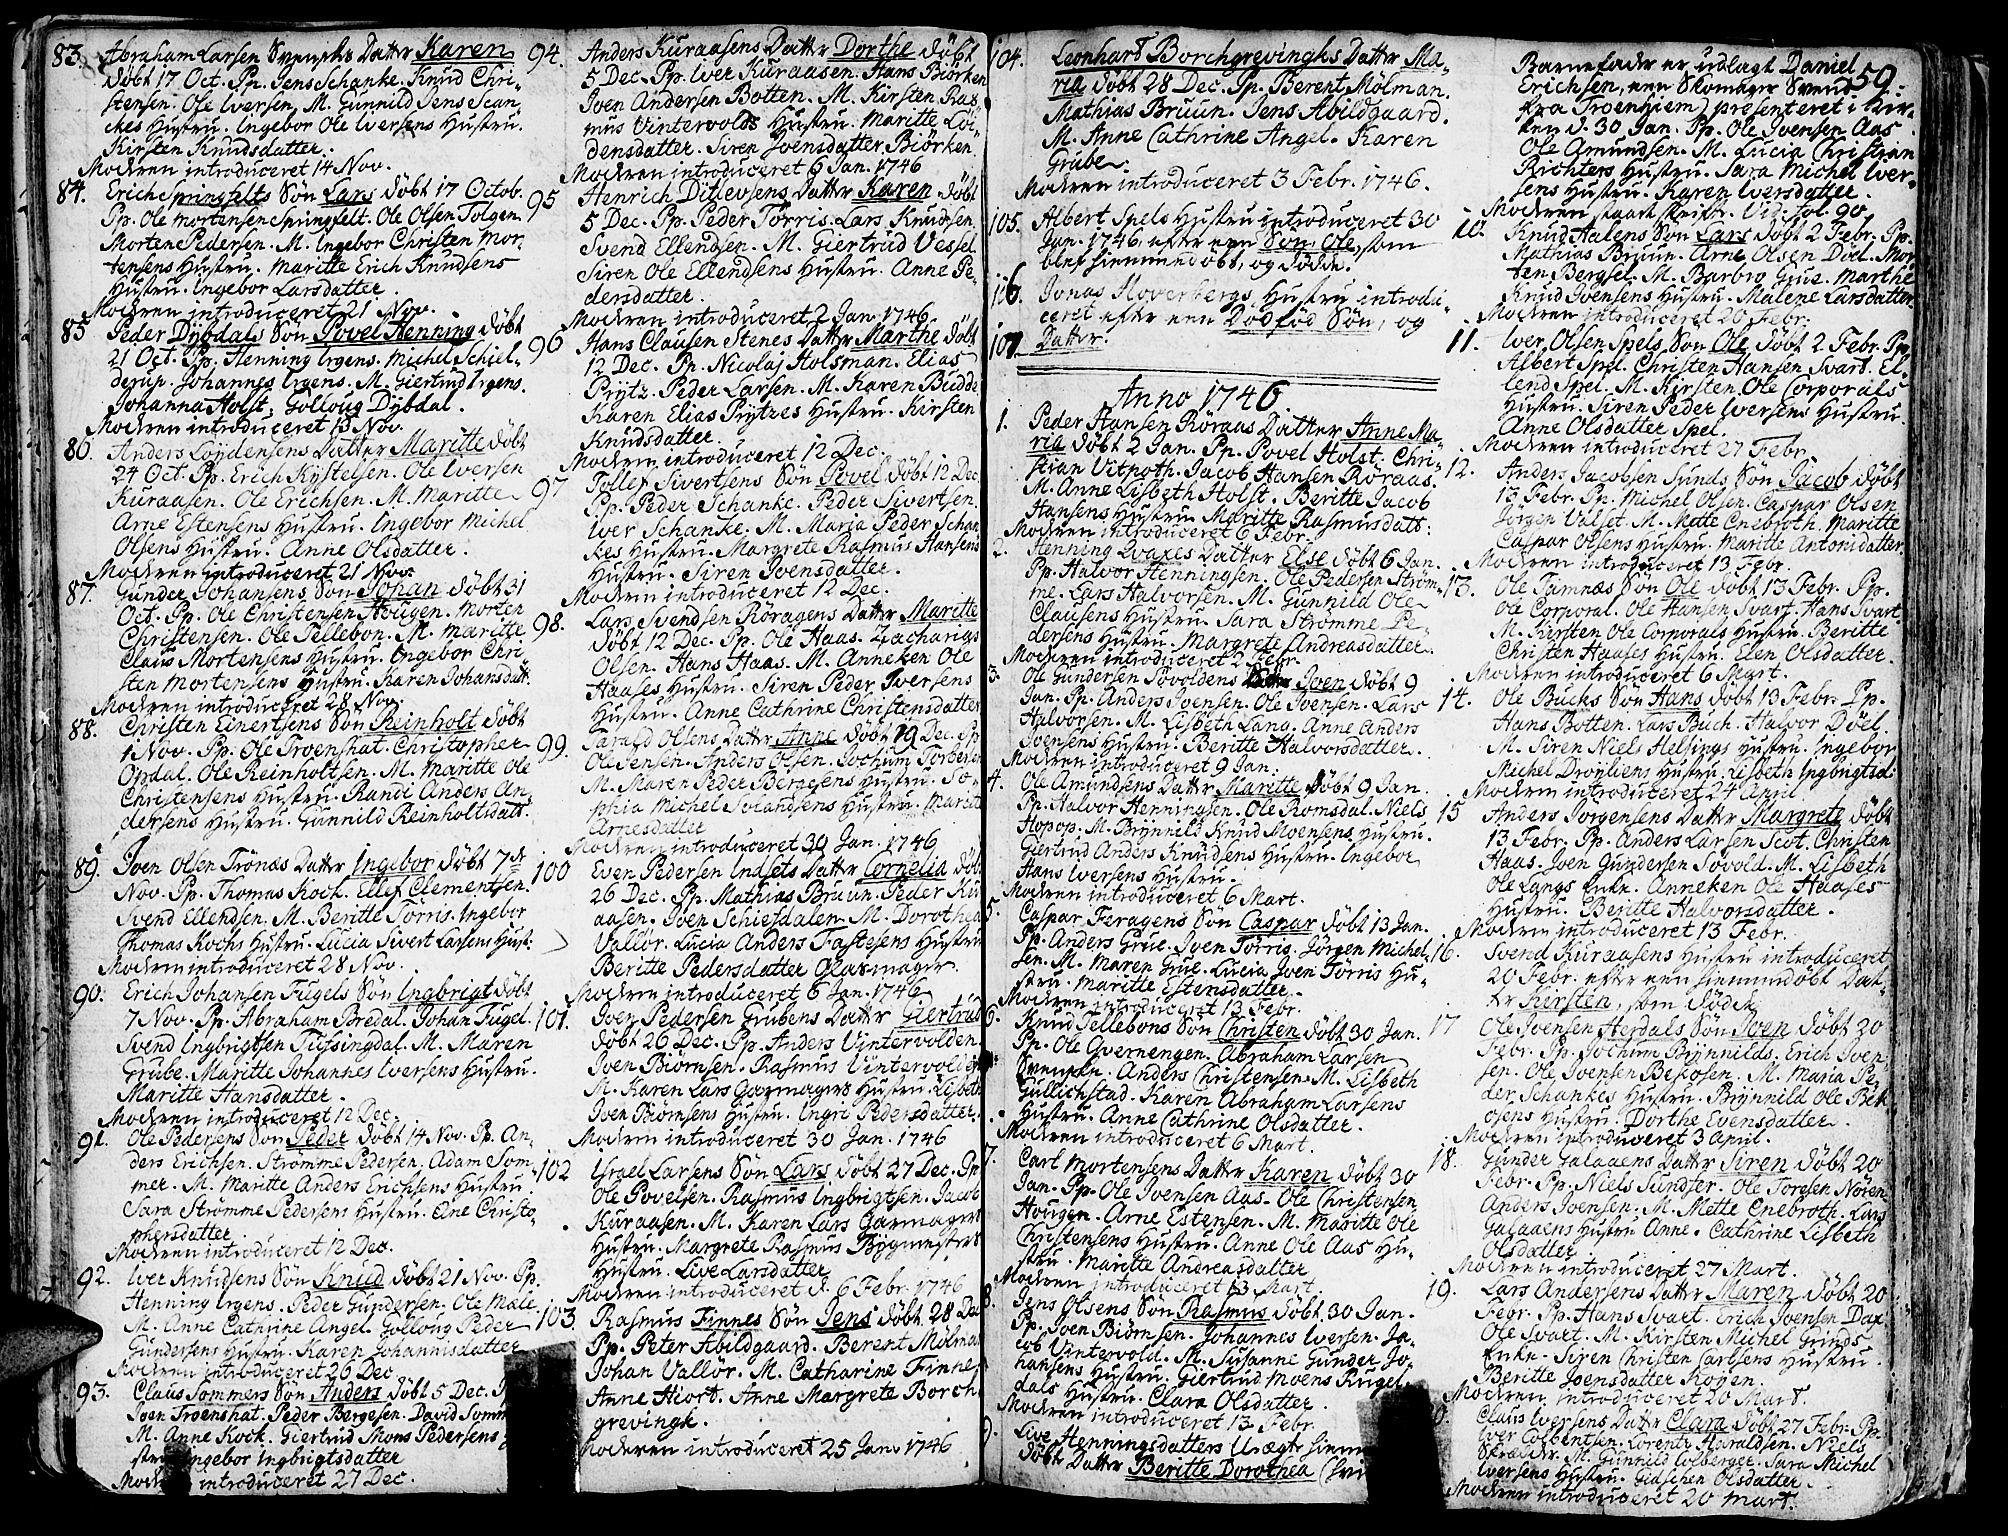 SAT, Ministerialprotokoller, klokkerbøker og fødselsregistre - Sør-Trøndelag, 681/L0925: Ministerialbok nr. 681A03, 1727-1766, s. 59